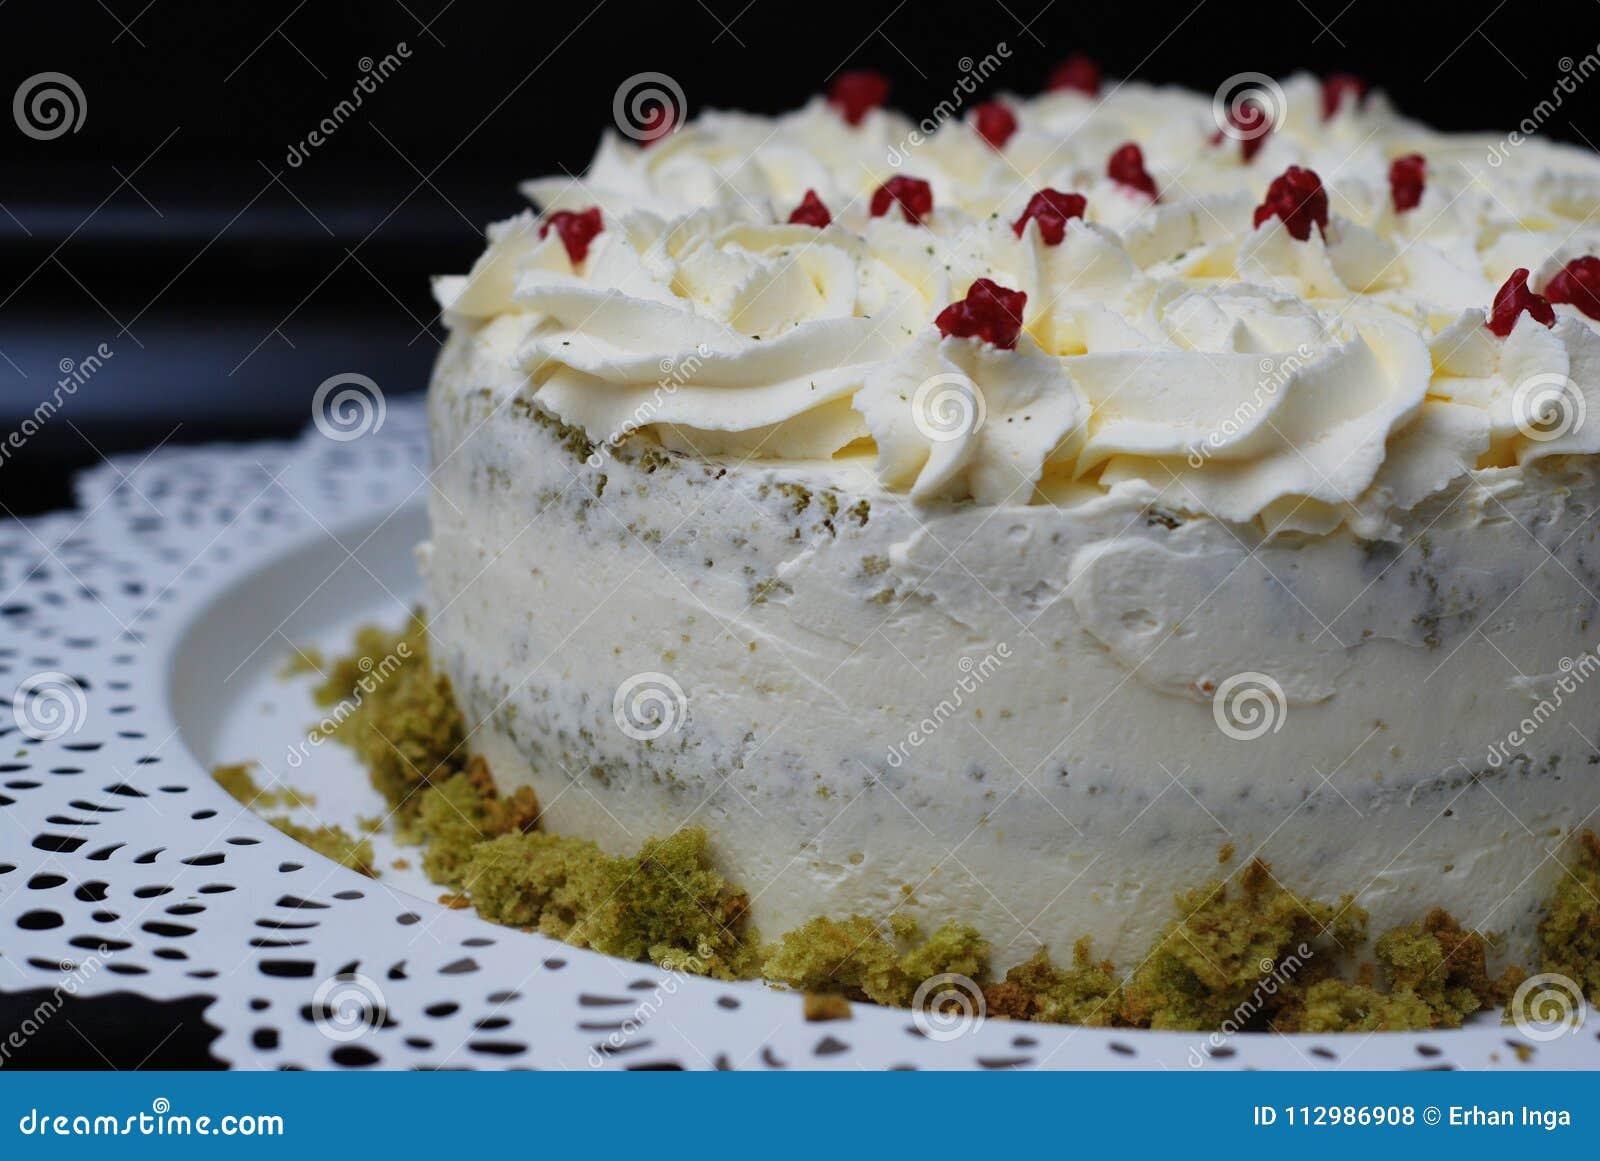 Pistacchio casalingo verde del dolce di Matcha con la crema della fragola Dolce del dessert con crema bianca